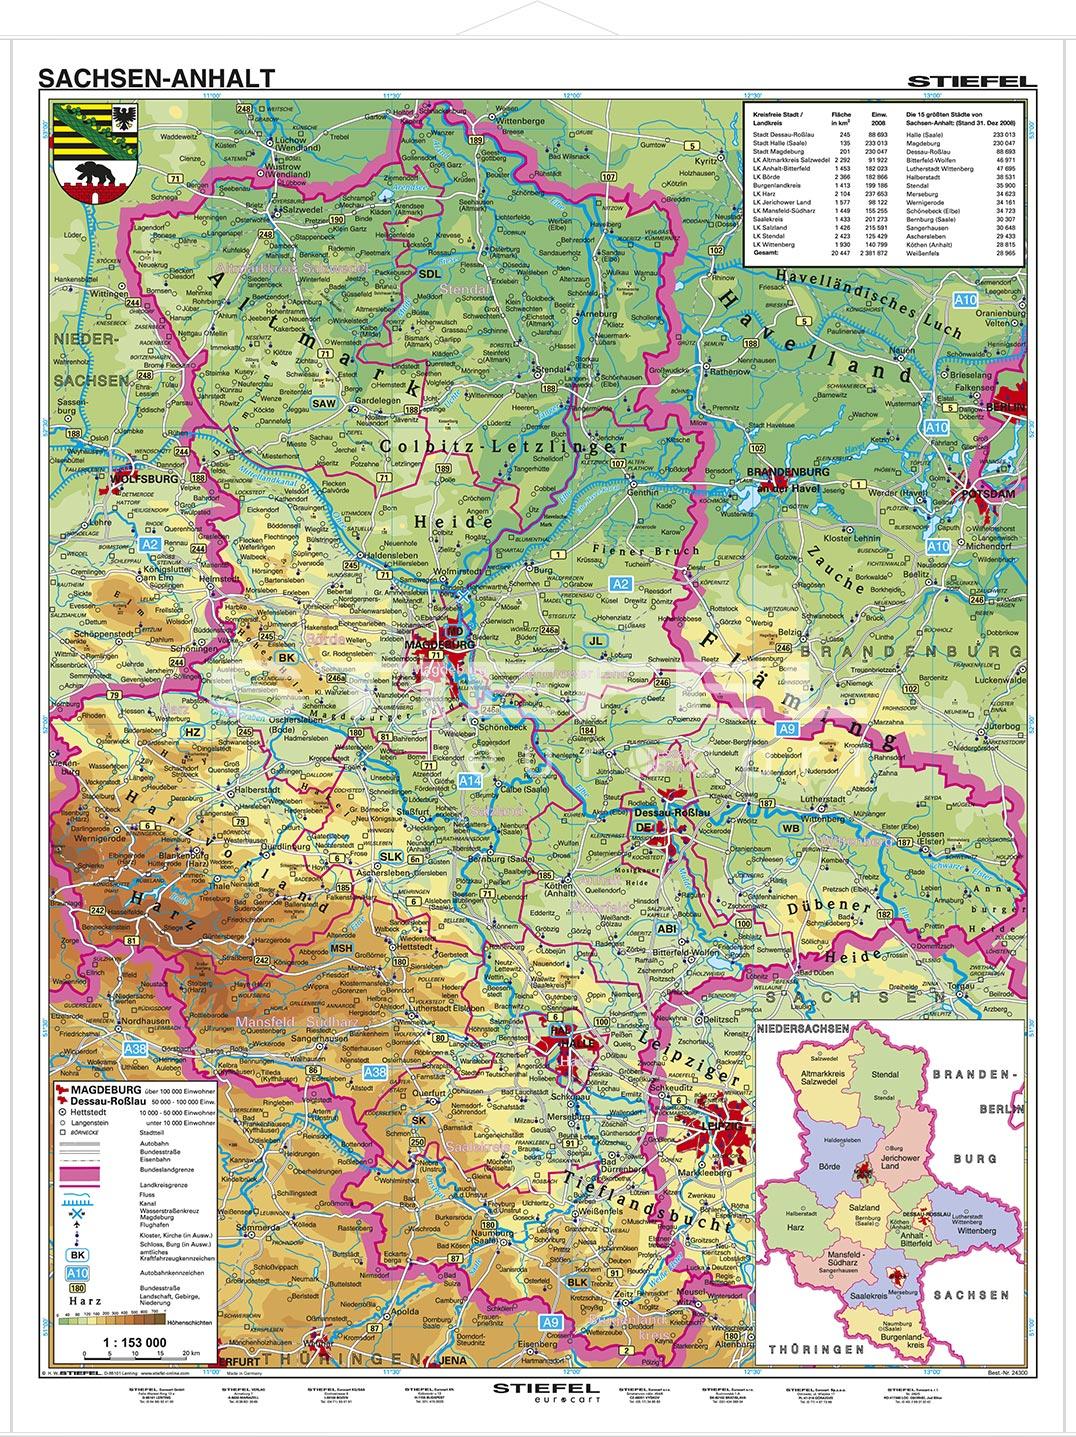 Karte Sachsen Anhalt Mit Flüssen.Sachsen Anhalt Physisch Lerndino De